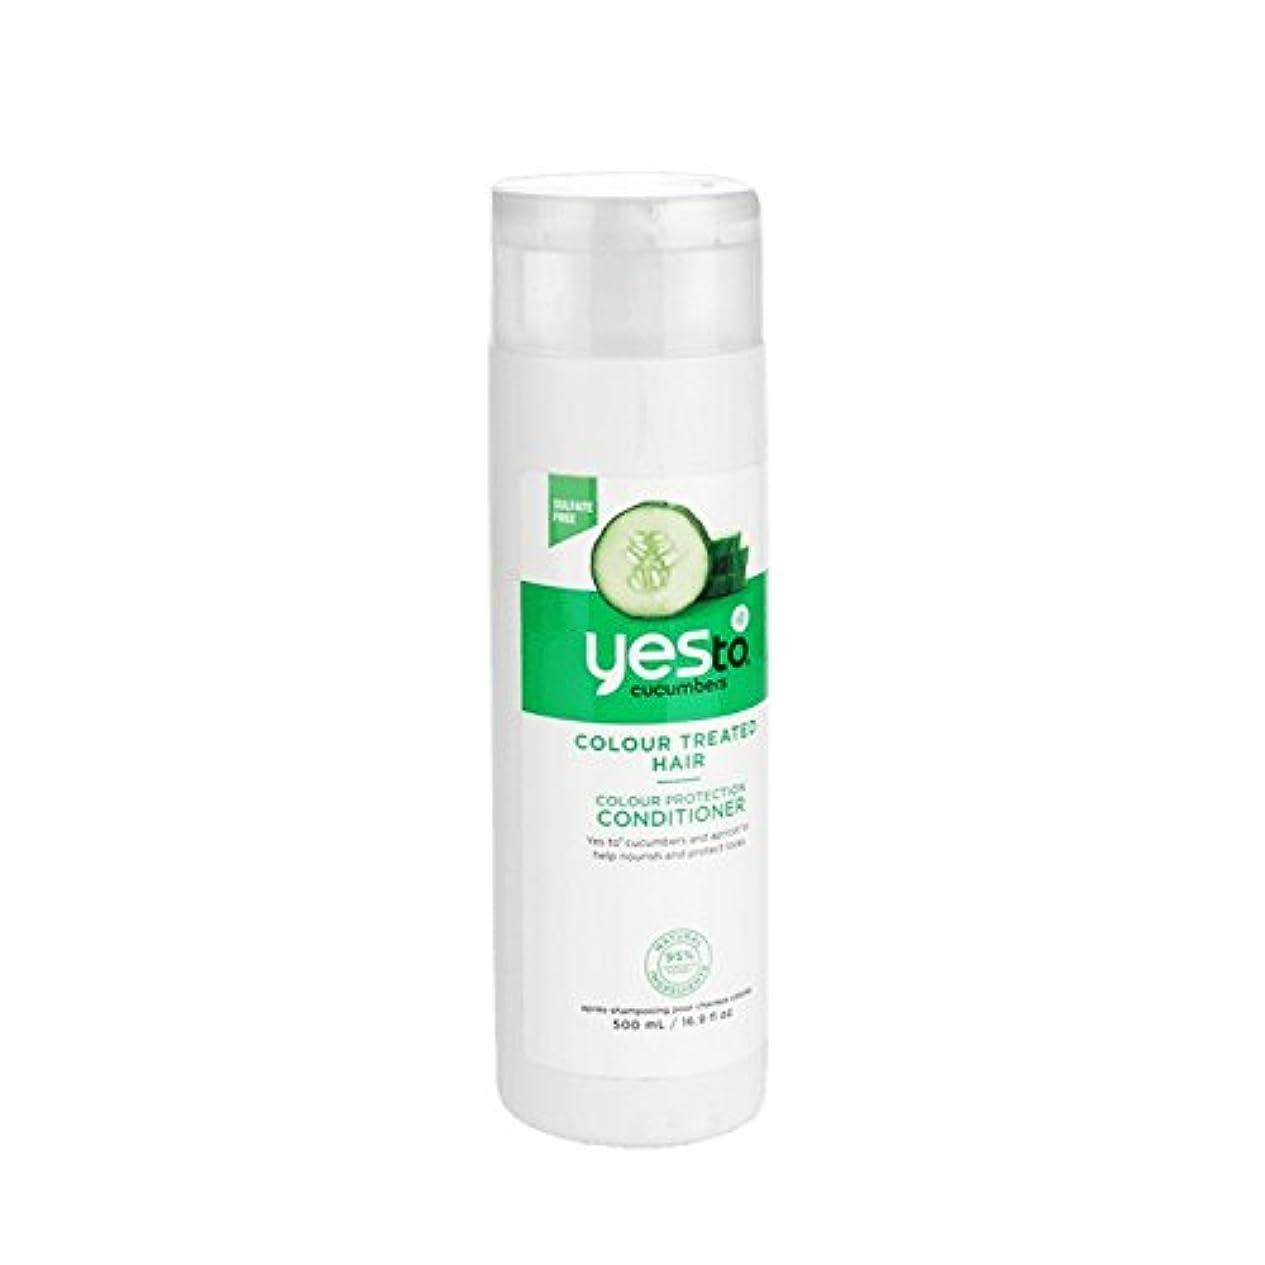 対不十分な意図するYes To Cucumbers Colour Protection Conditioner 500ml (Pack of 2) - はいキュウリの色の保護コンディショナー500ミリリットルへ (x2) [並行輸入品]